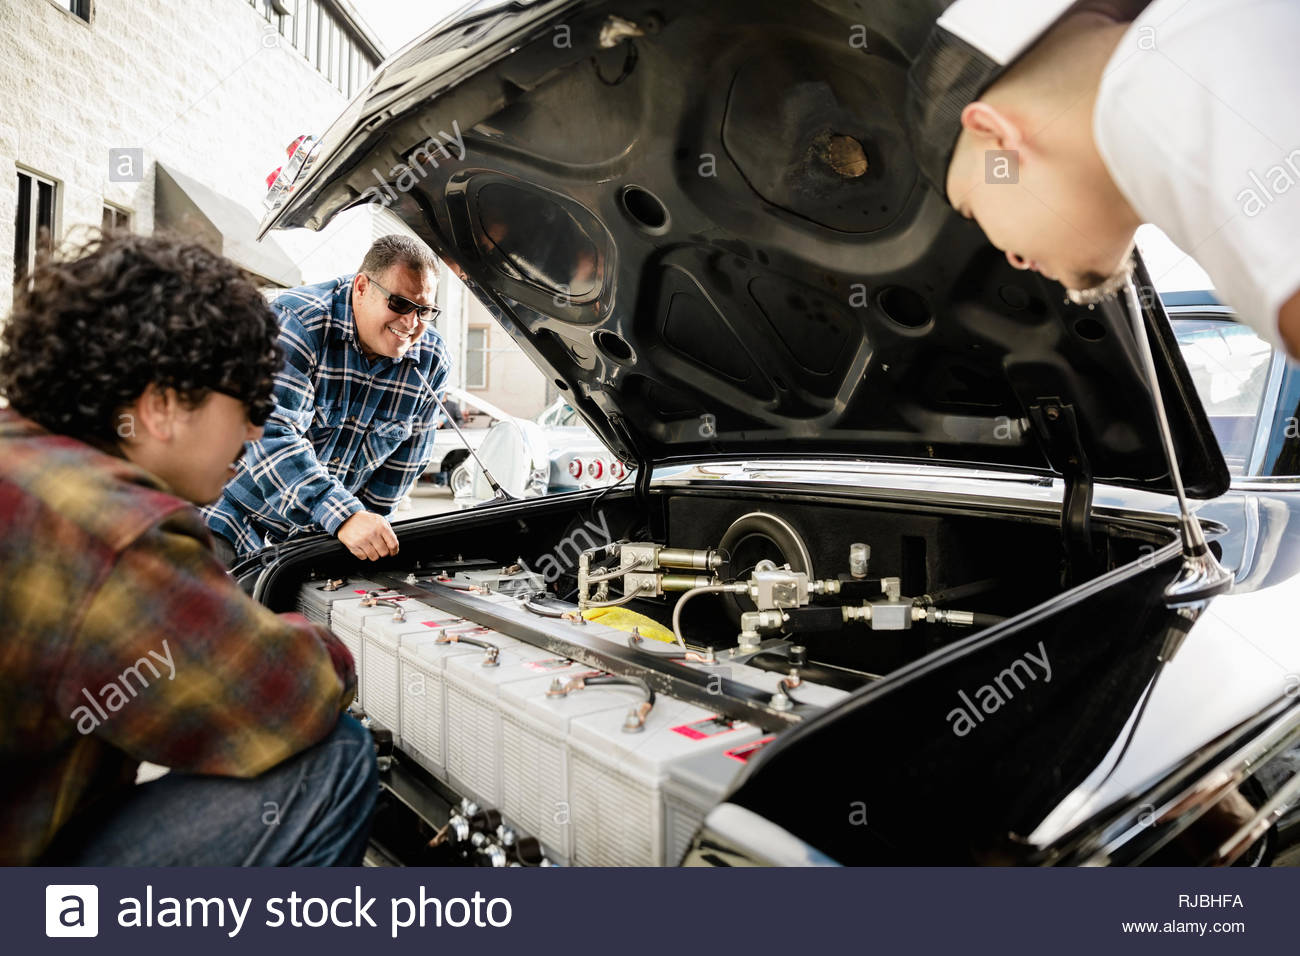 Amigos hombres Latinx desproteger el sistema hidráulico de baja rider car Imagen De Stock